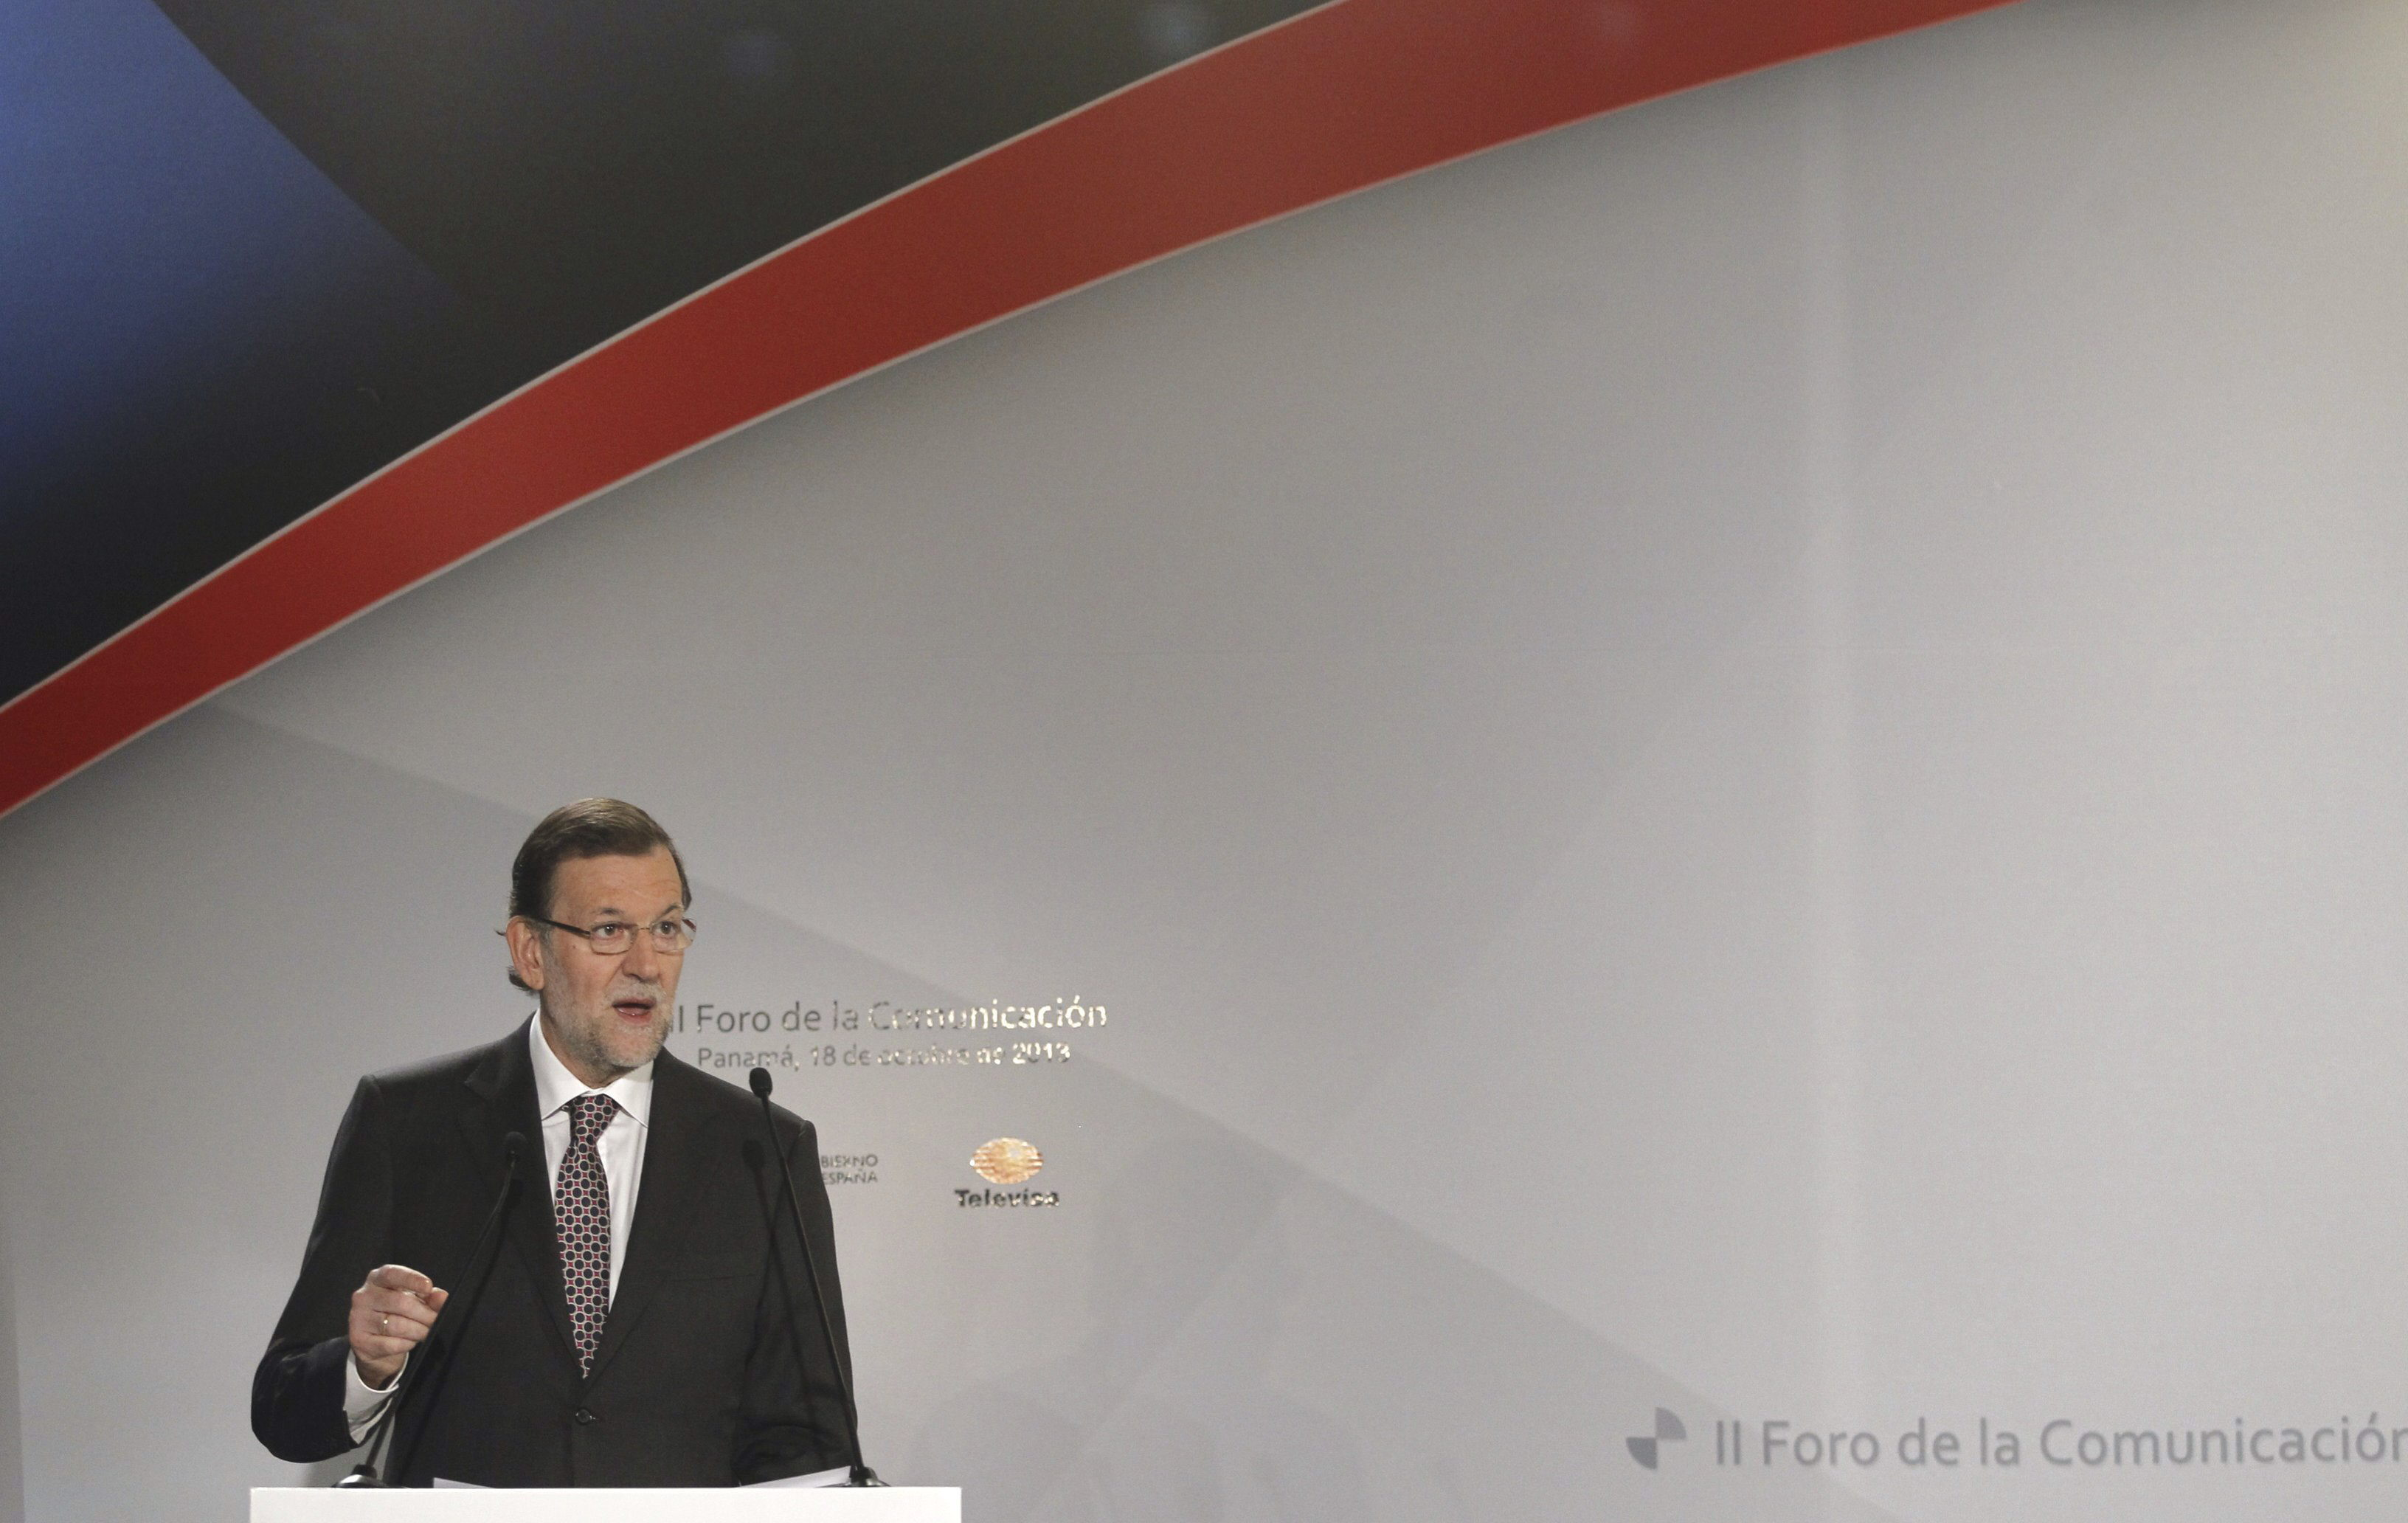 Rajoy afirma que España puede ser «trascendente» en la Alianza del Pacífico por su experiencia